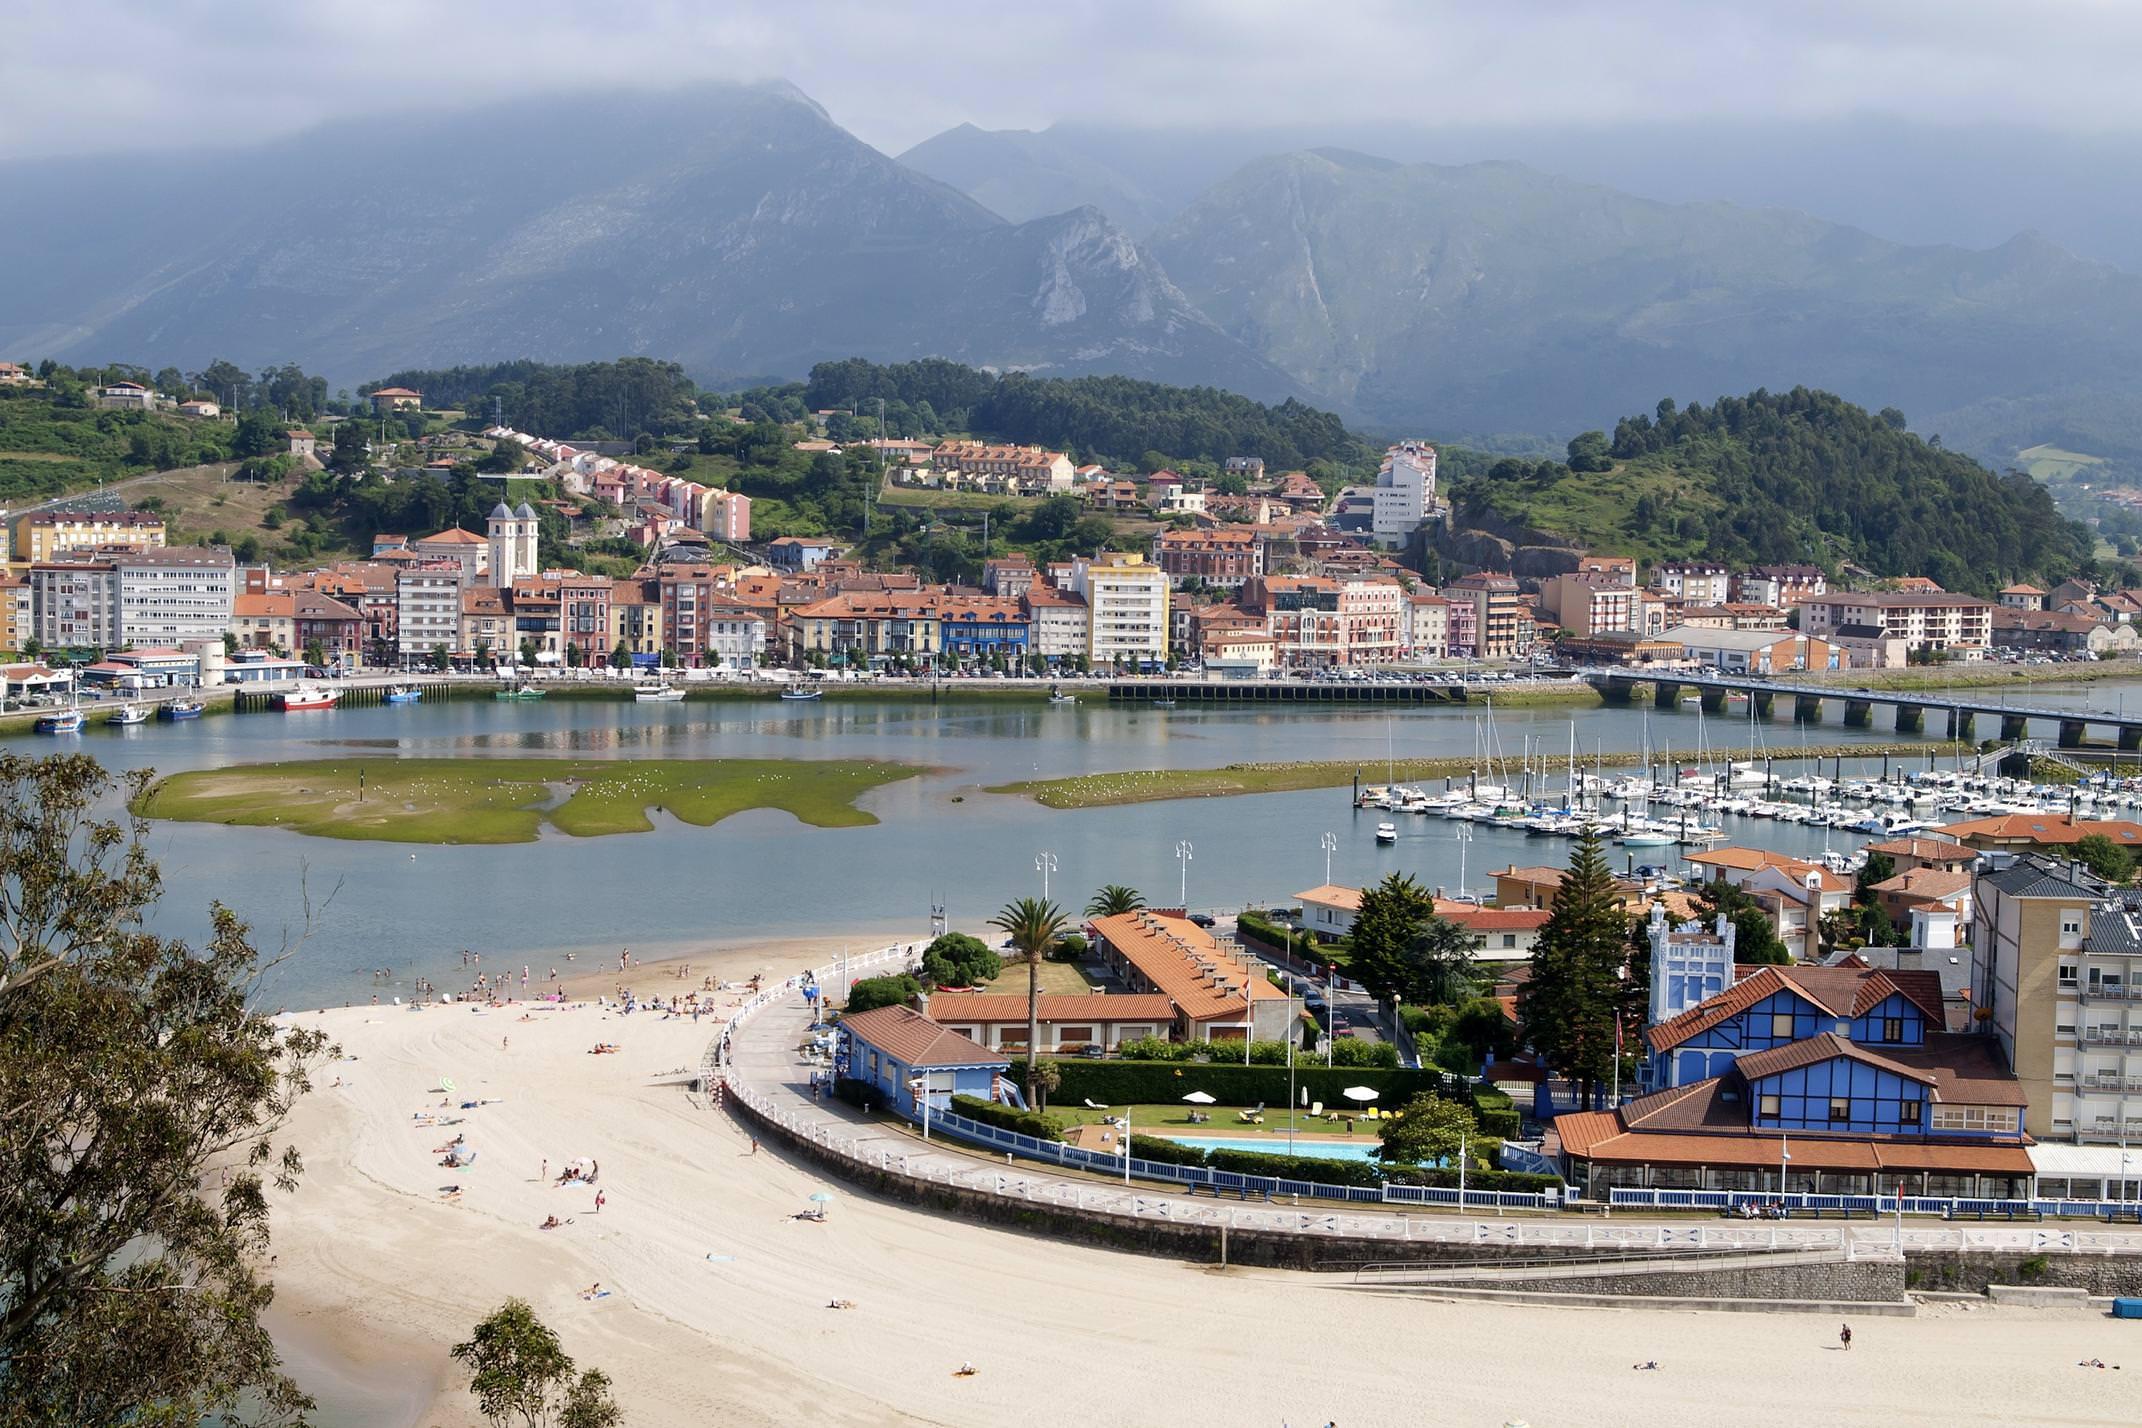 Spain picos de europa ribadesella town and beach